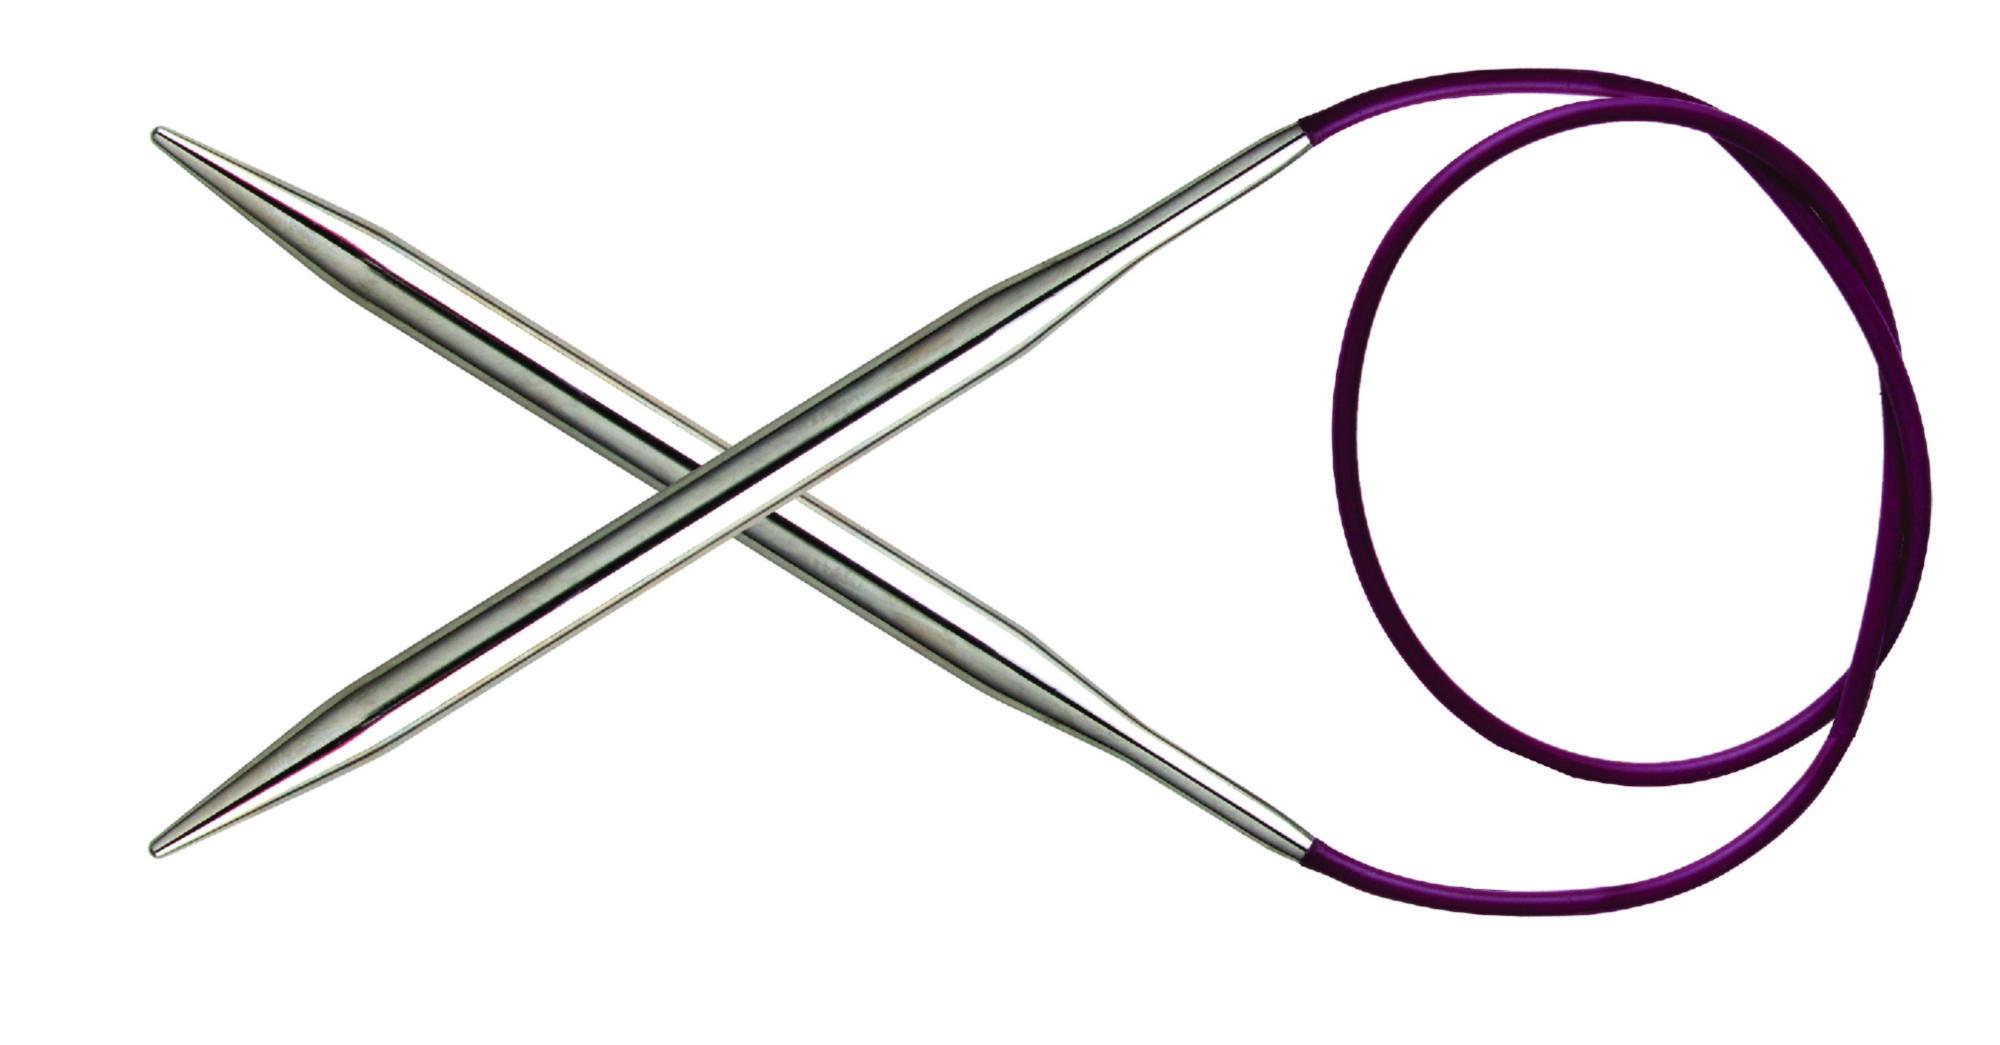 Спицы круговые 120 см Nova Metal KnitPro, 11370, 5.50 мм